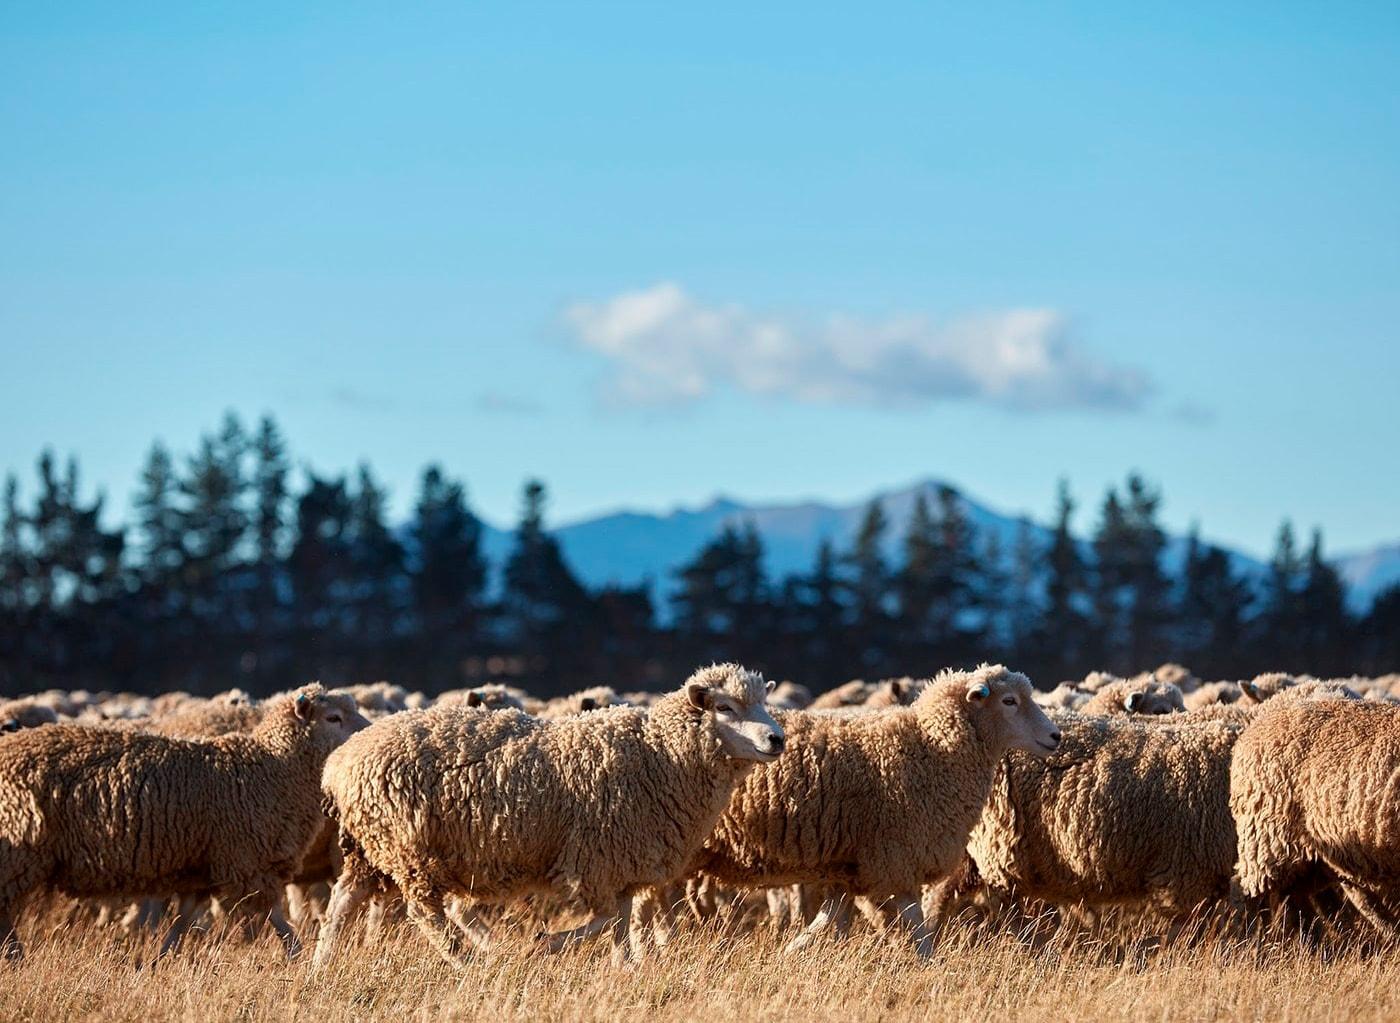 Hundredvis af får græsser i sollyset, mens der produceres uld til IKEA tæpper.